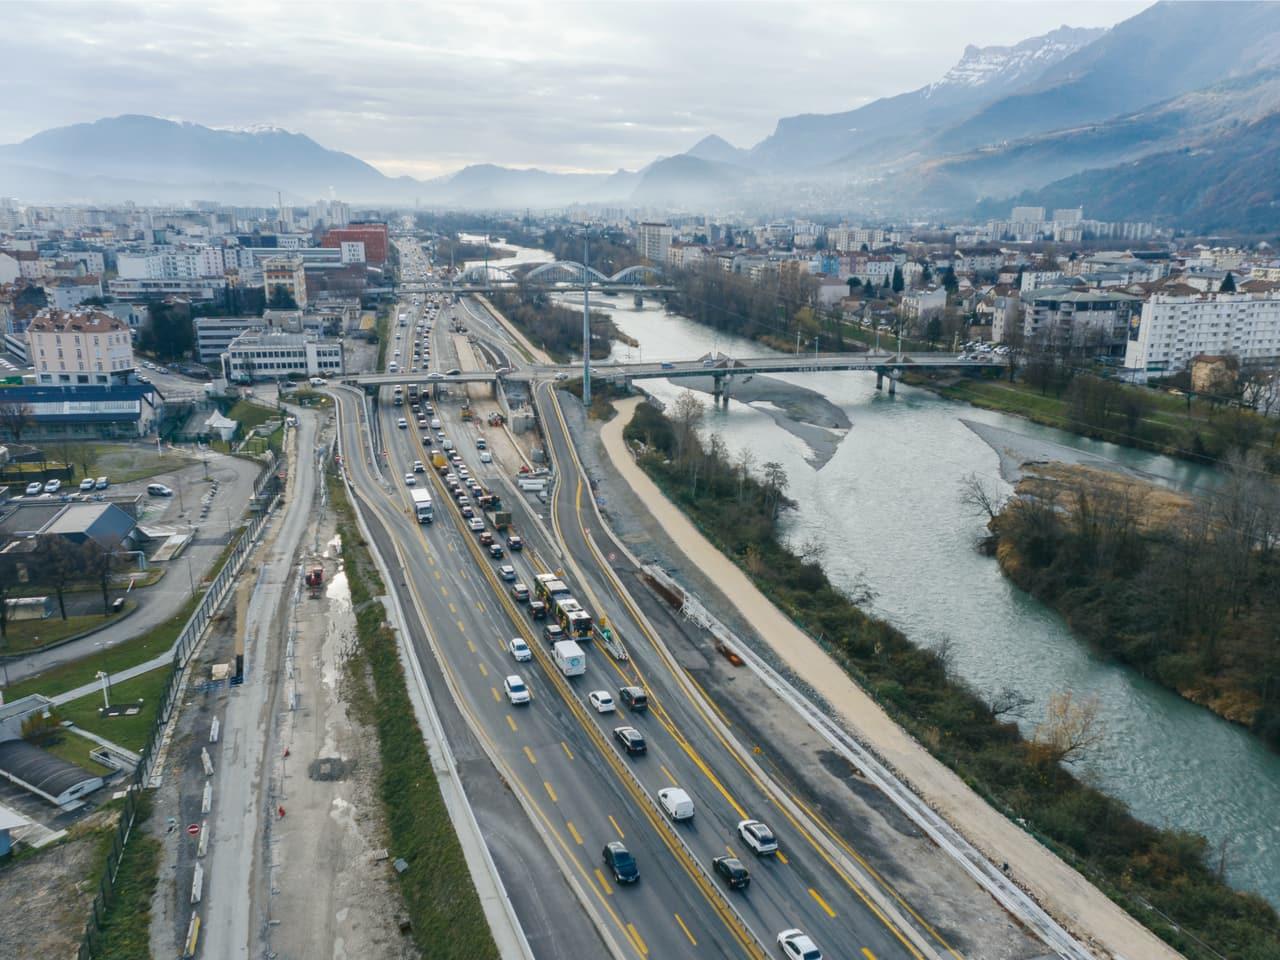 autoroute A480 sur le secteur Martyrs à Grenoble